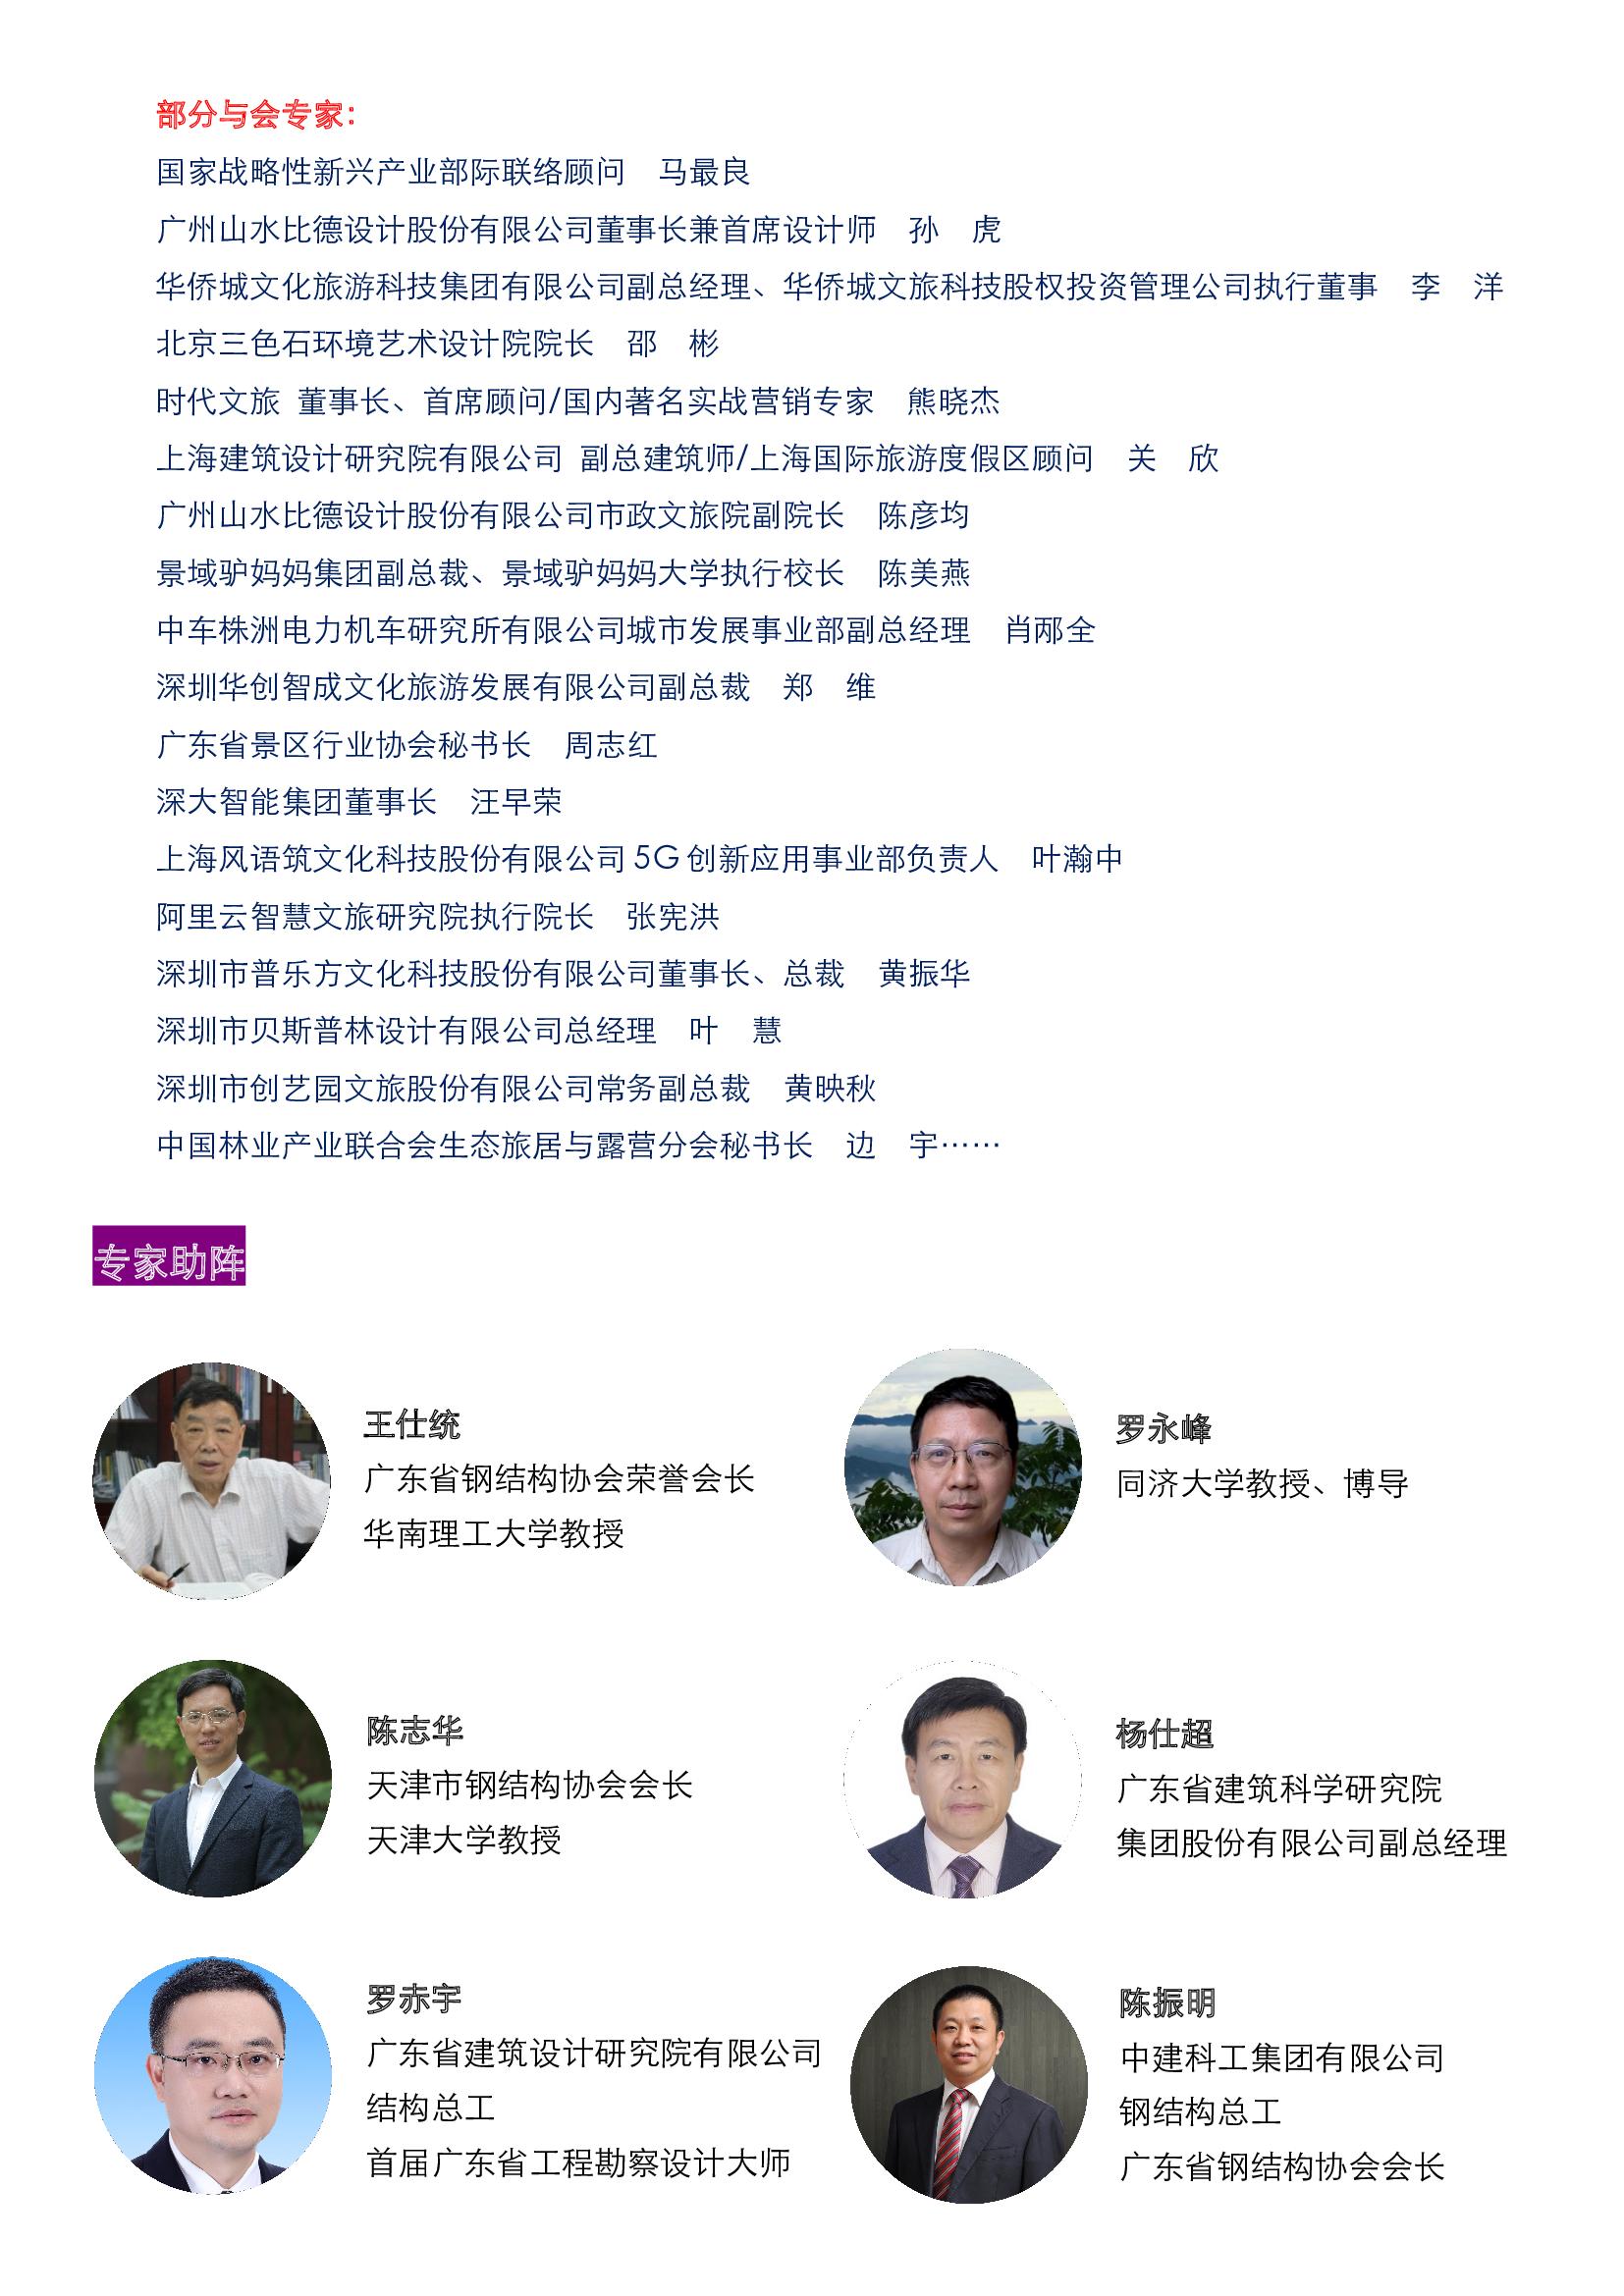 2021第十三届中国国际集成住宅产业博览会暨建筑工业化产品与设备展求购